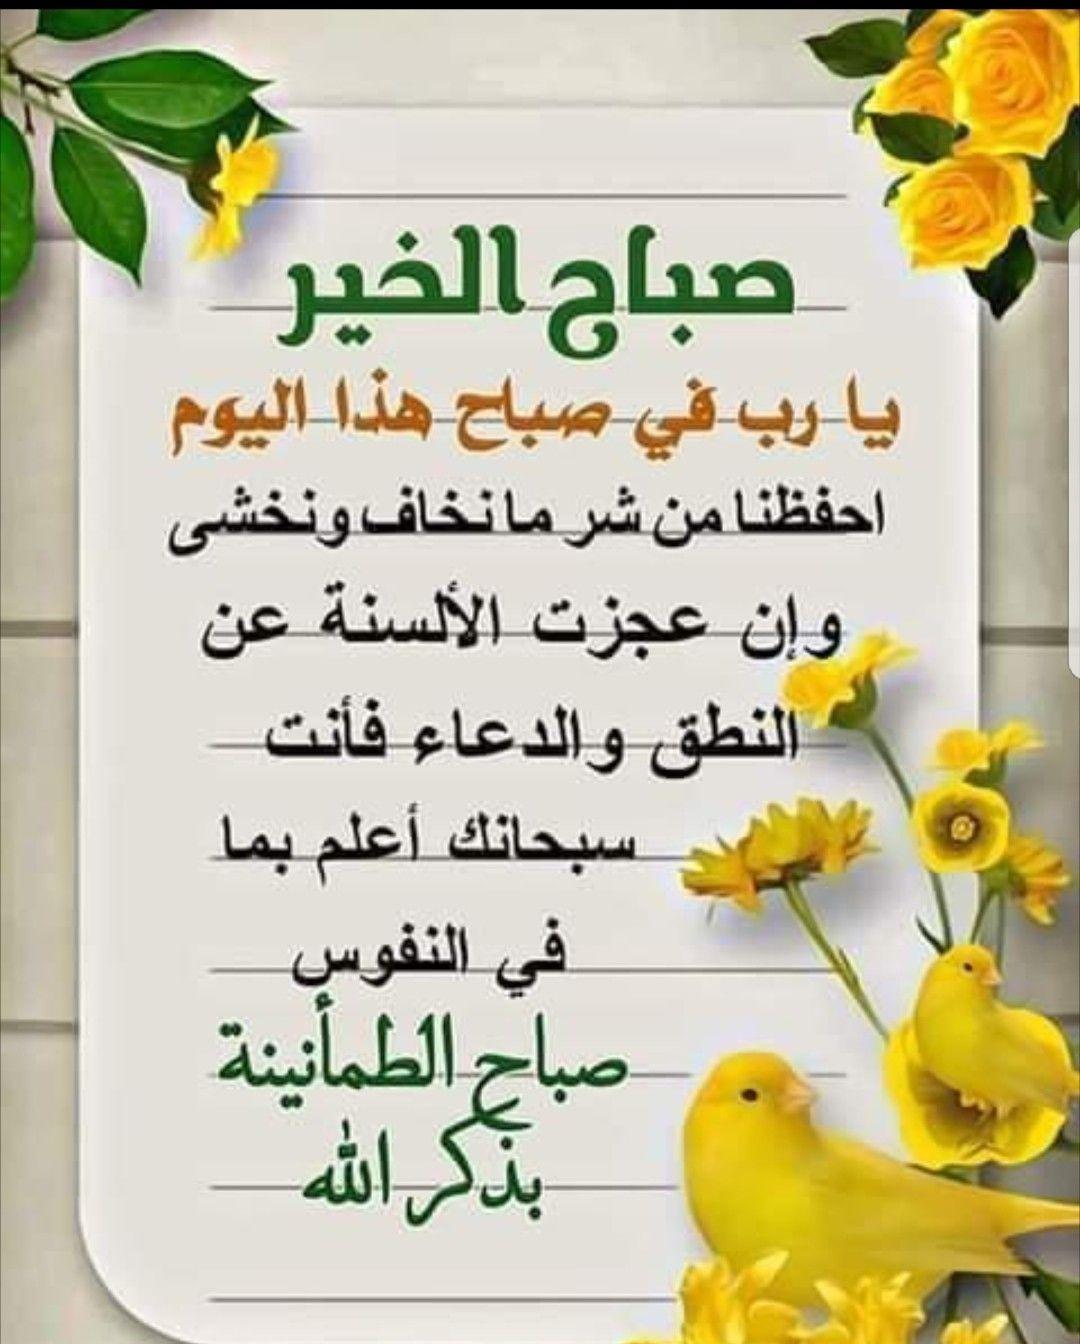 صباح الرضا حين يرزقنا الله الرضا لن تهزمنا الد نيا ولن تغلبنا الأوجاع سنجتاز ال Beautiful Morning Messages Good Morning Arabic Good Morning Messages